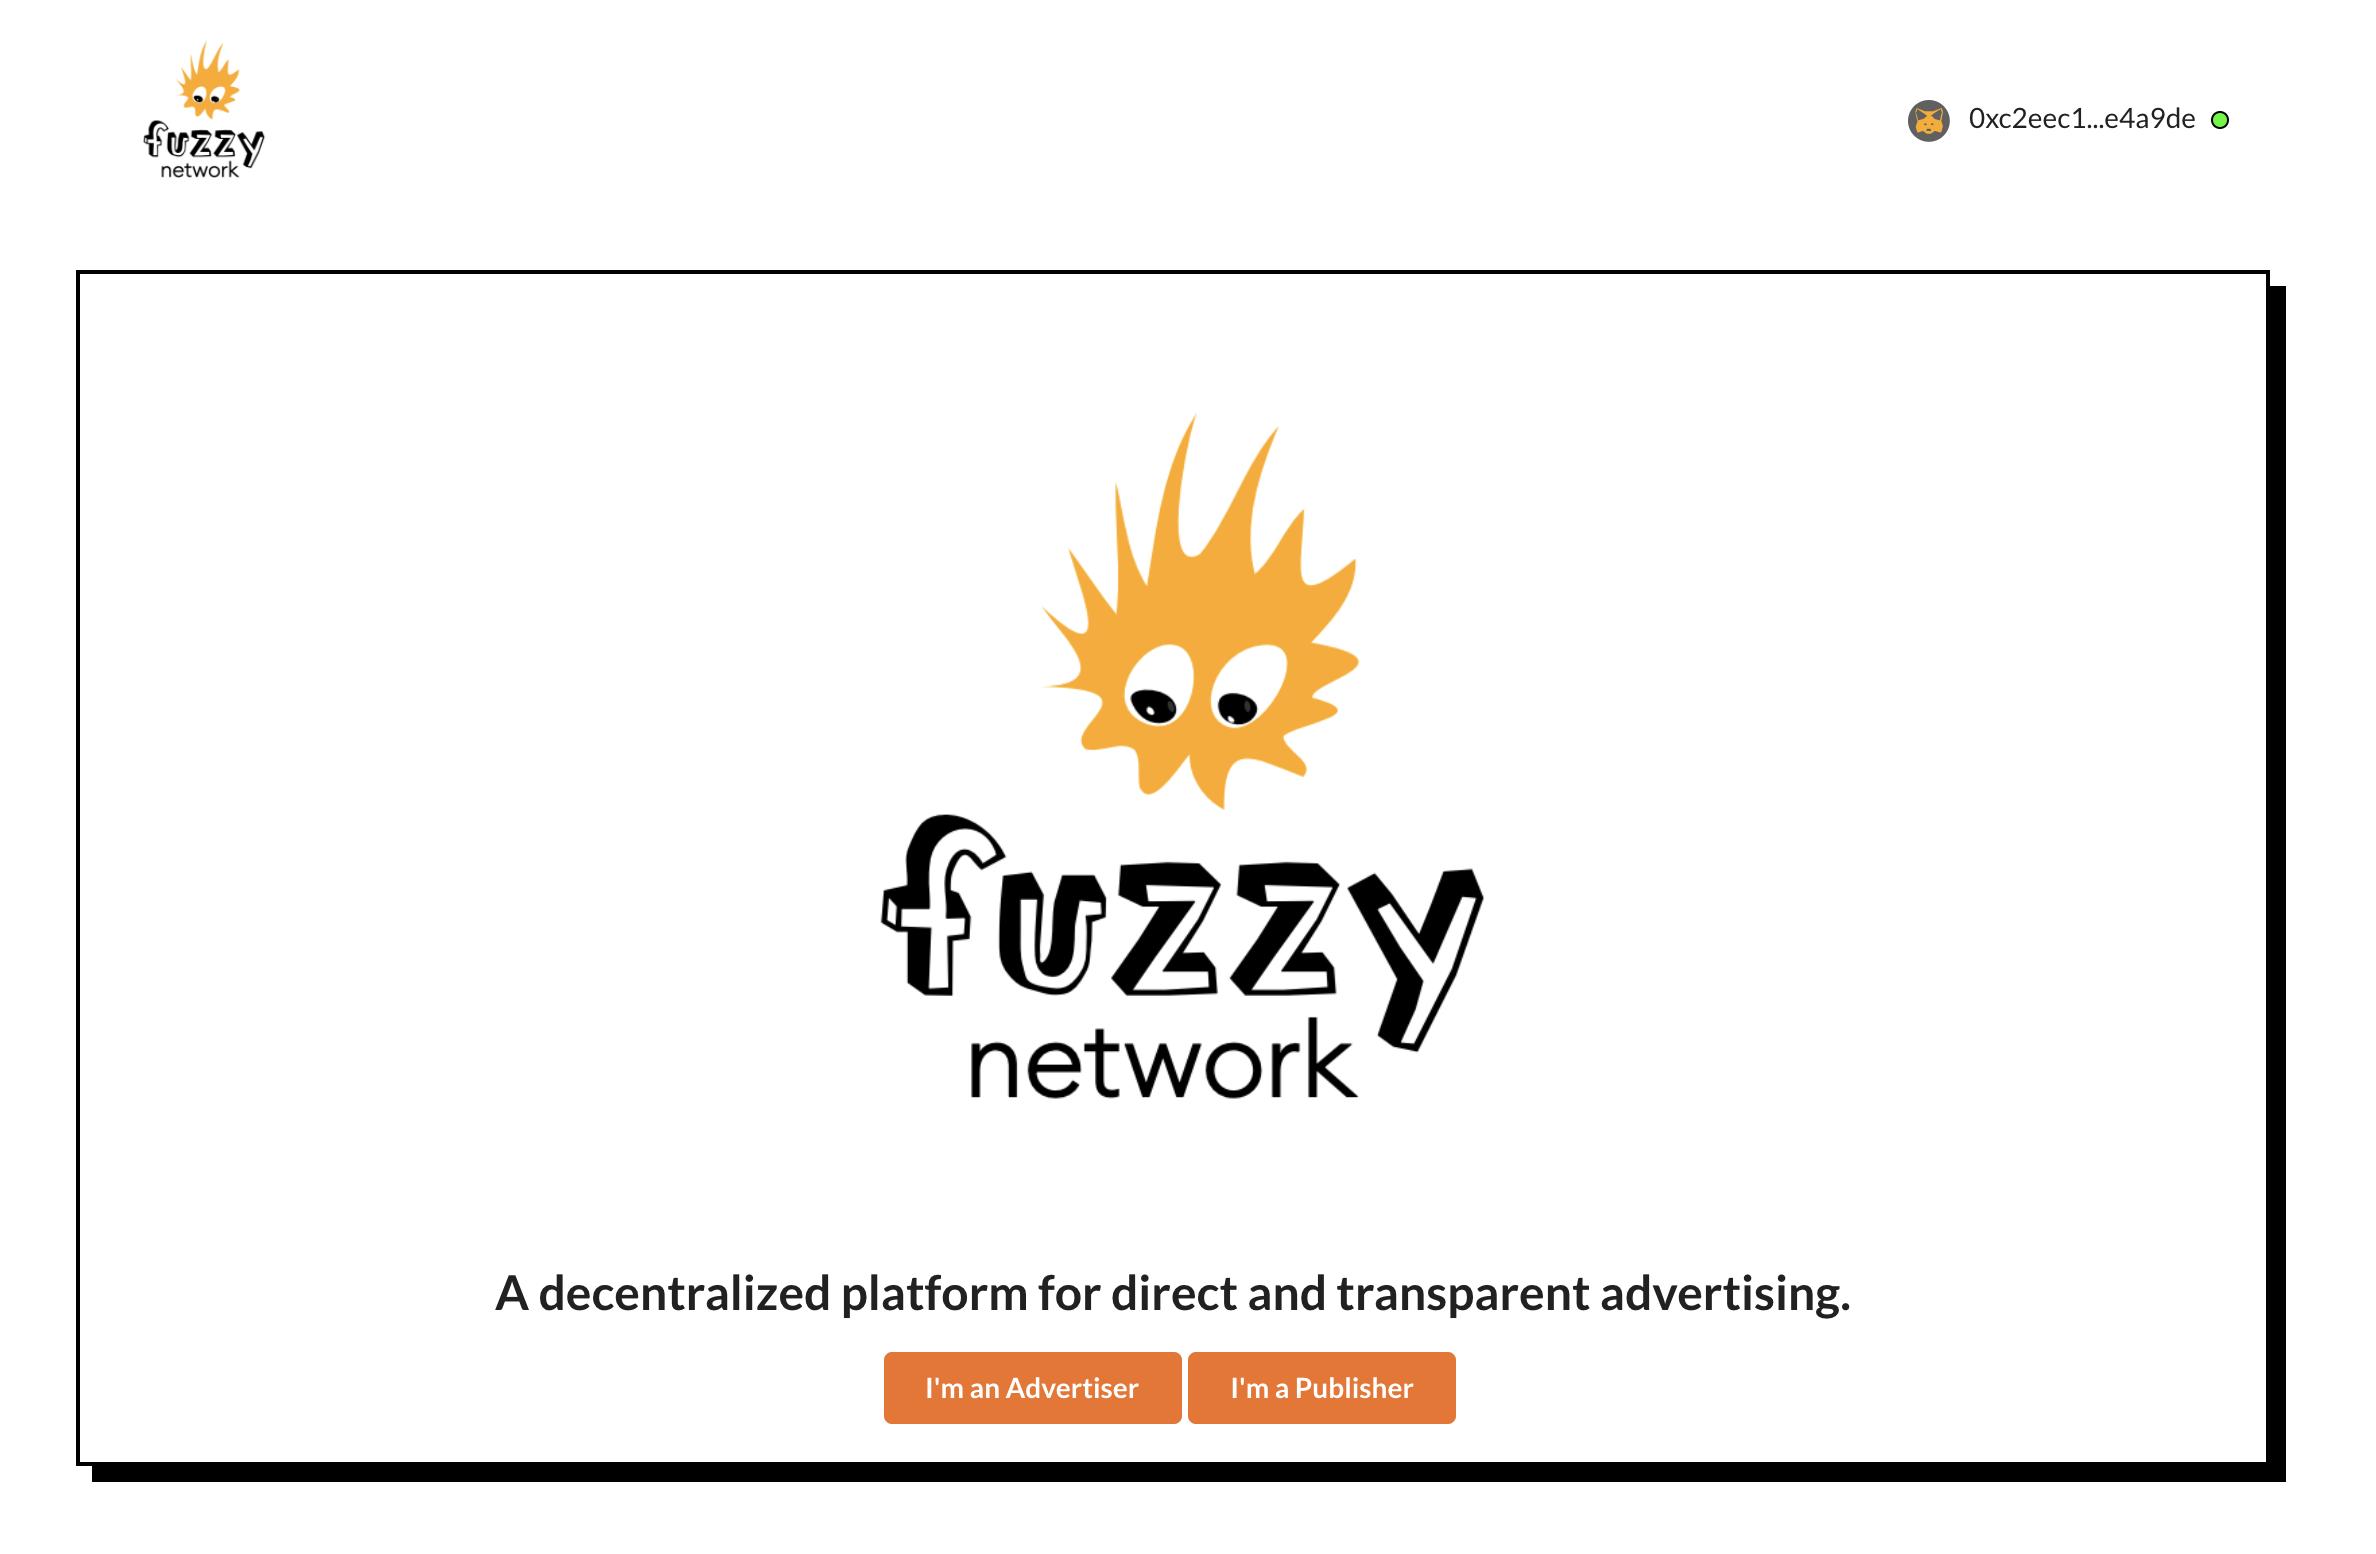 fuzzy ads showcase